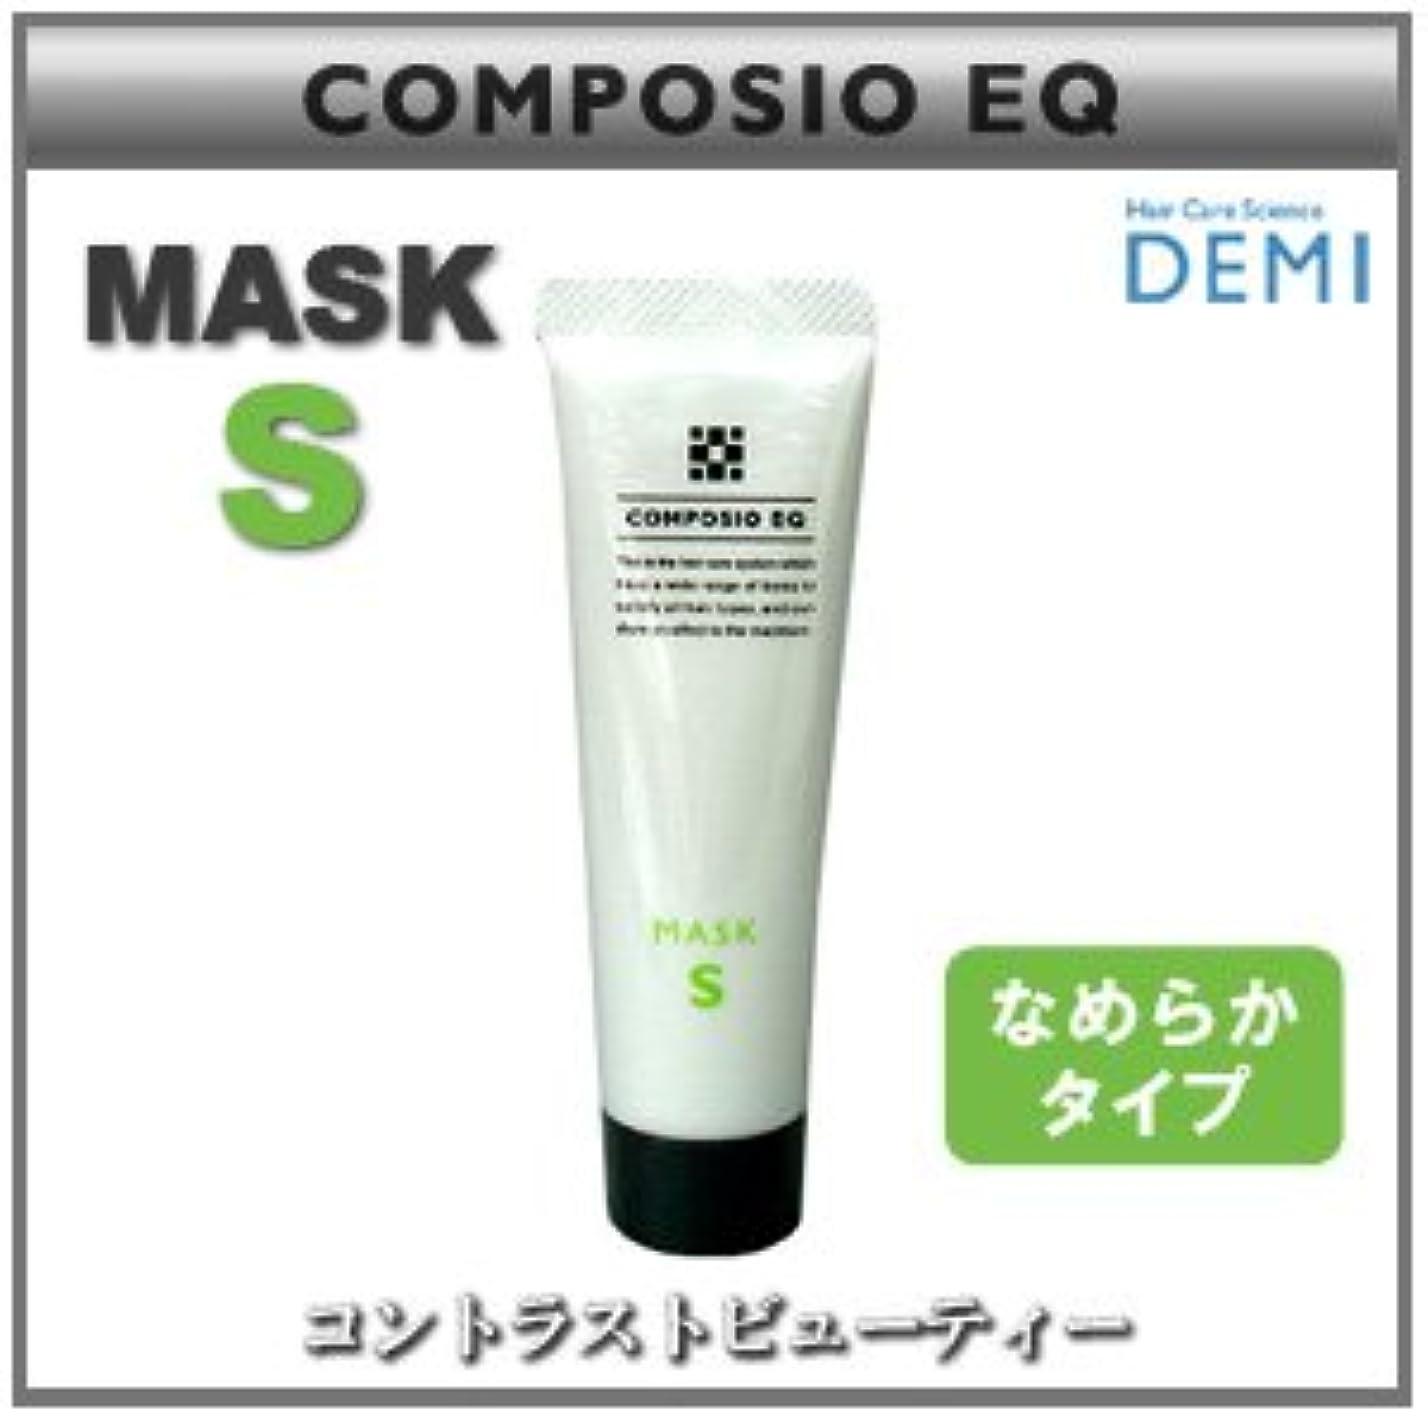 年次秘密の国【X3個セット】 デミ コンポジオ EQ マスク S 50g